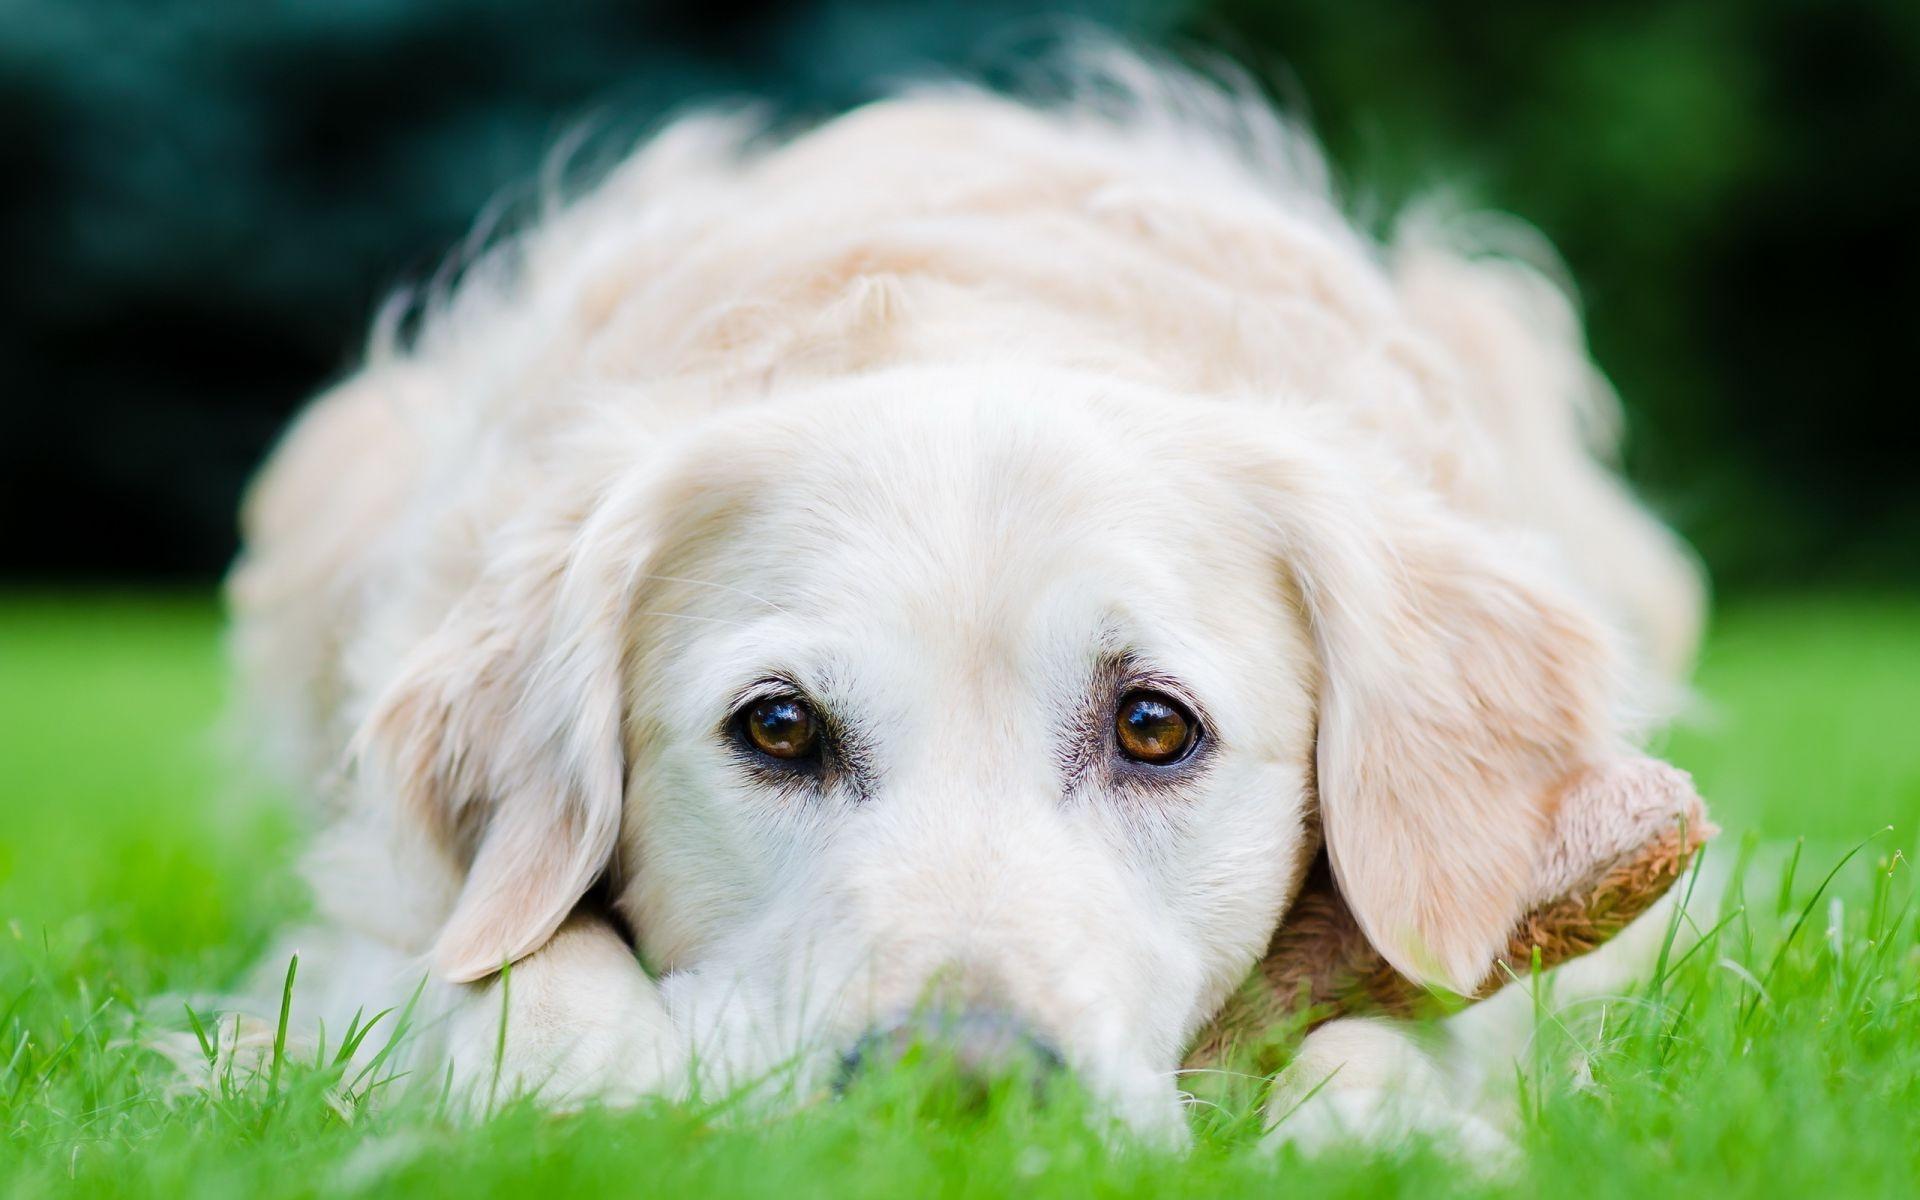 природа белая собака животное улыбка  № 1423922 без смс